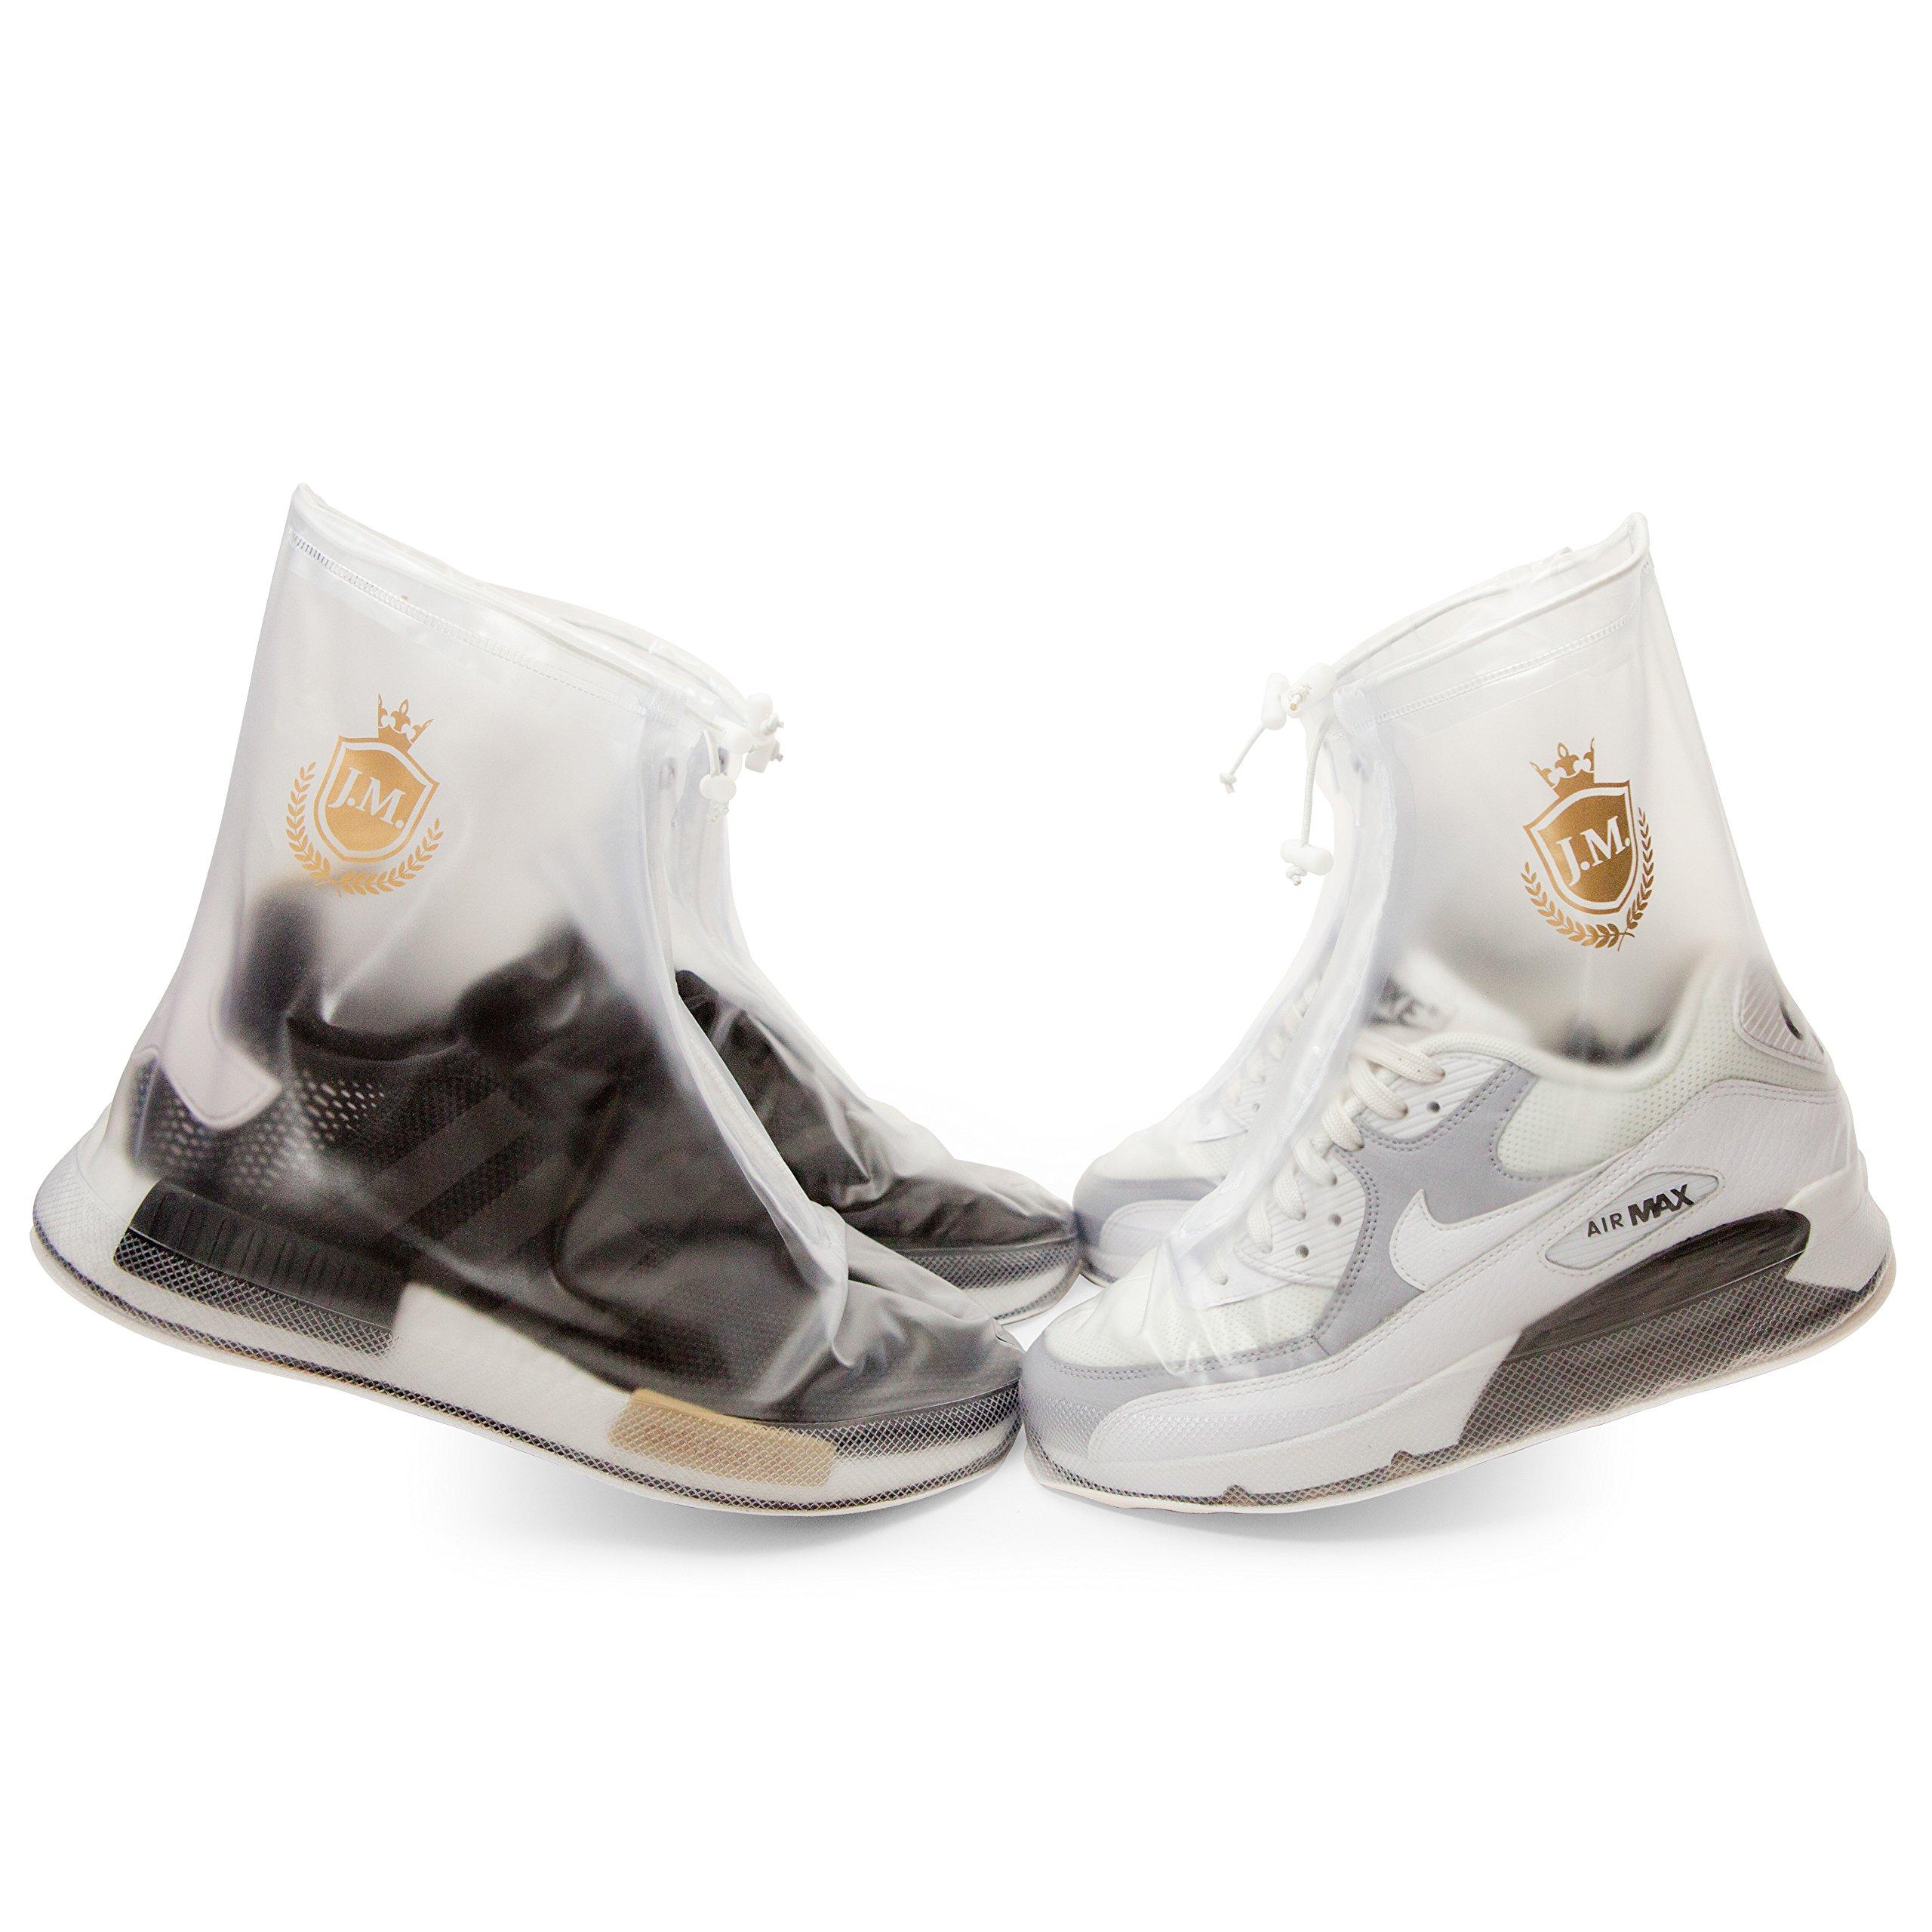 Waterproof Shoe Covers | Reusable | Men